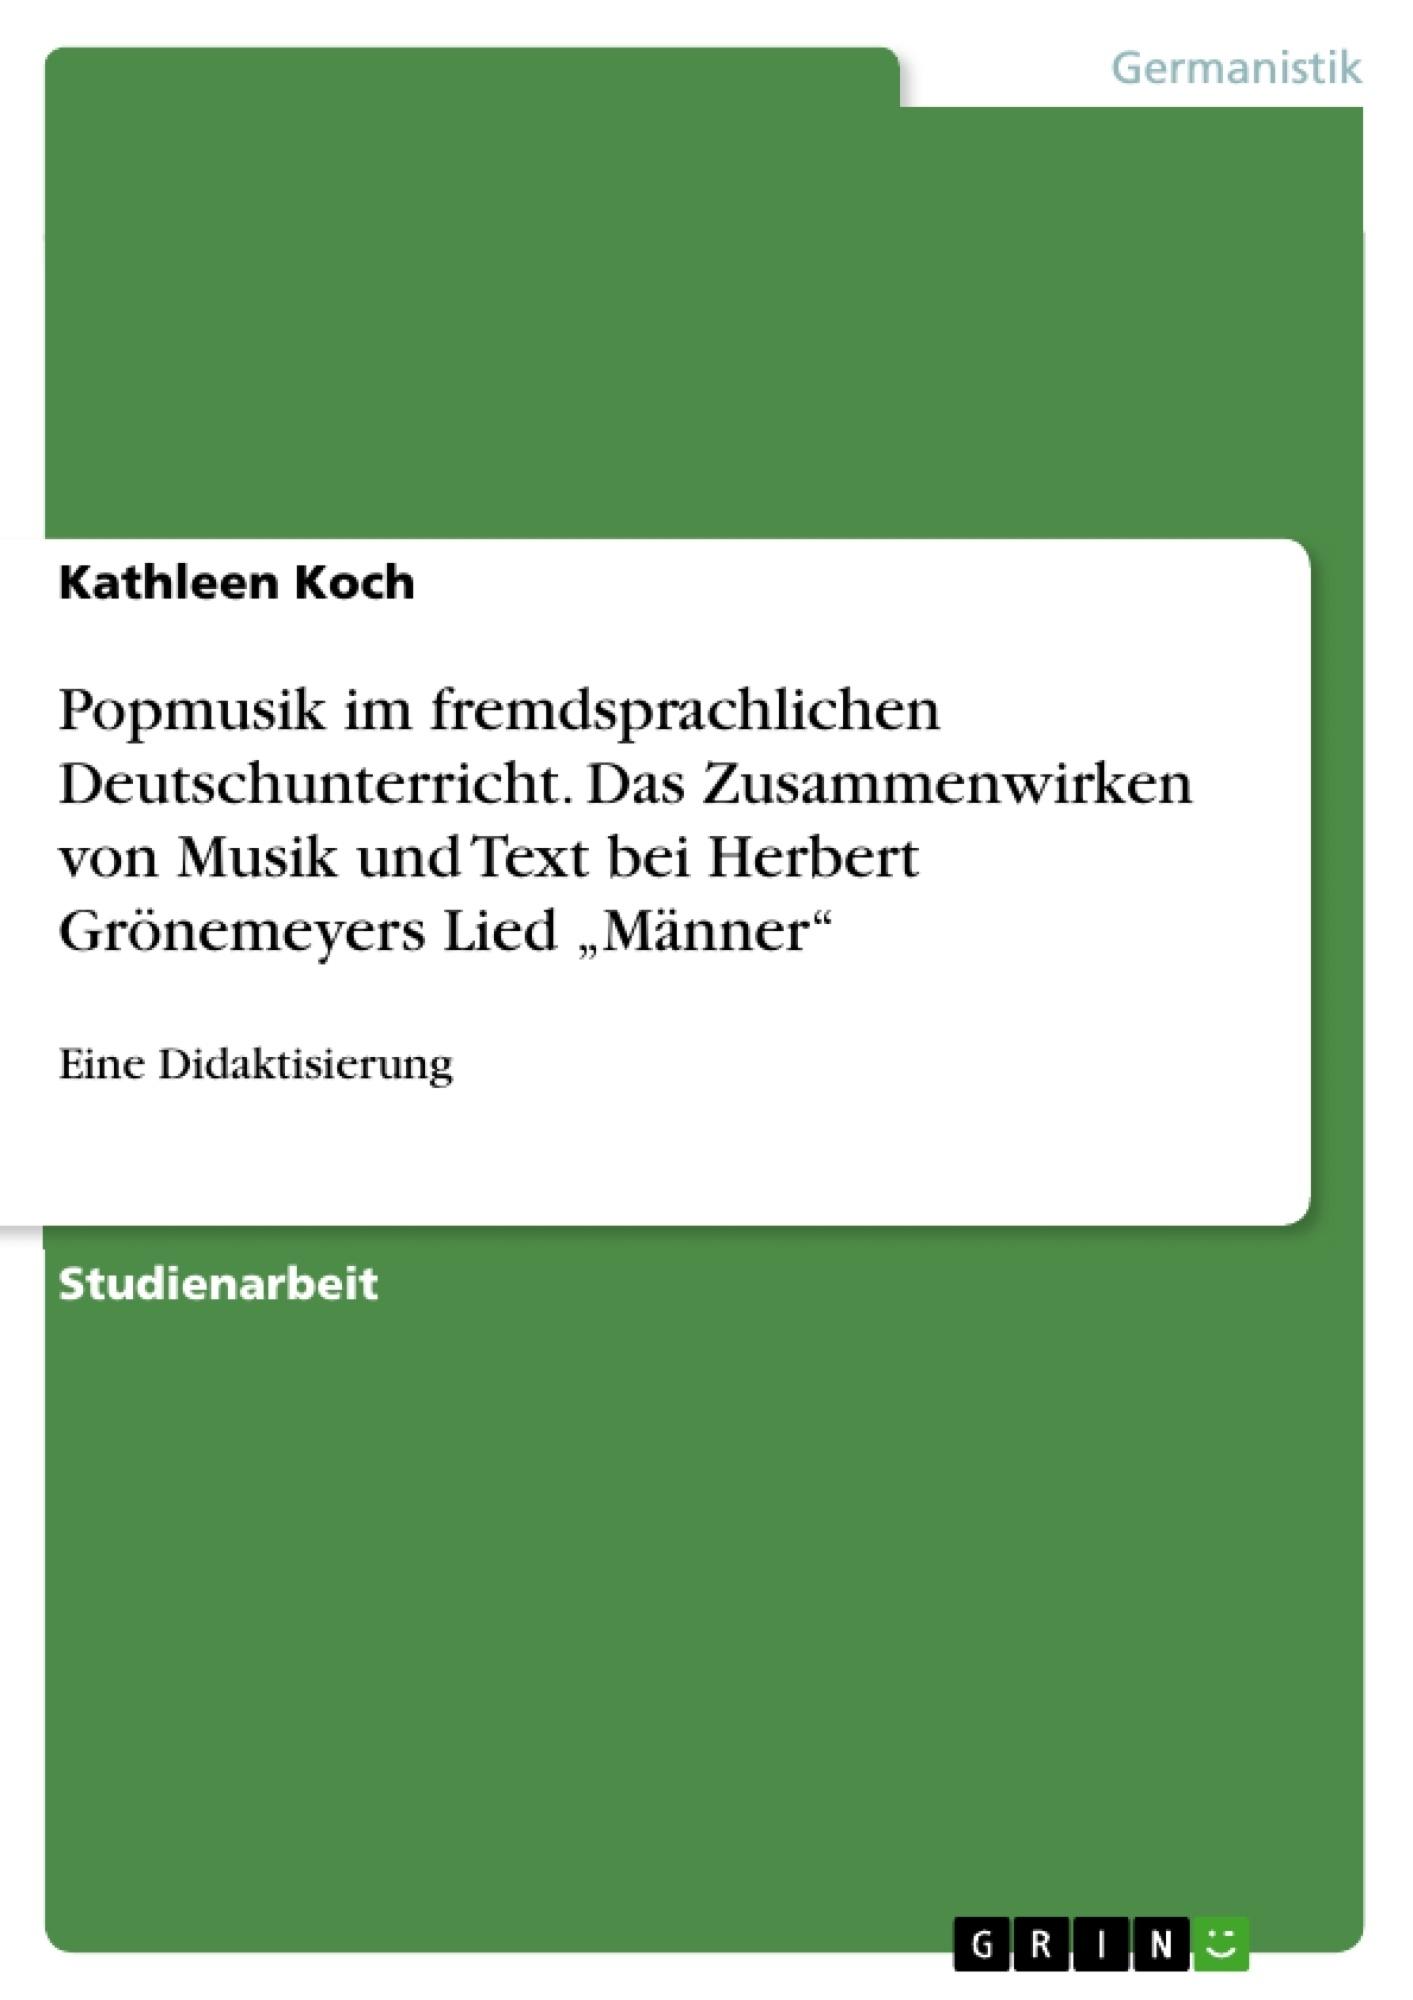 """Titel: Popmusik im fremdsprachlichen Deutschunterricht. Das Zusammenwirken von Musik und Text bei Herbert Grönemeyers Lied """"Männer"""""""